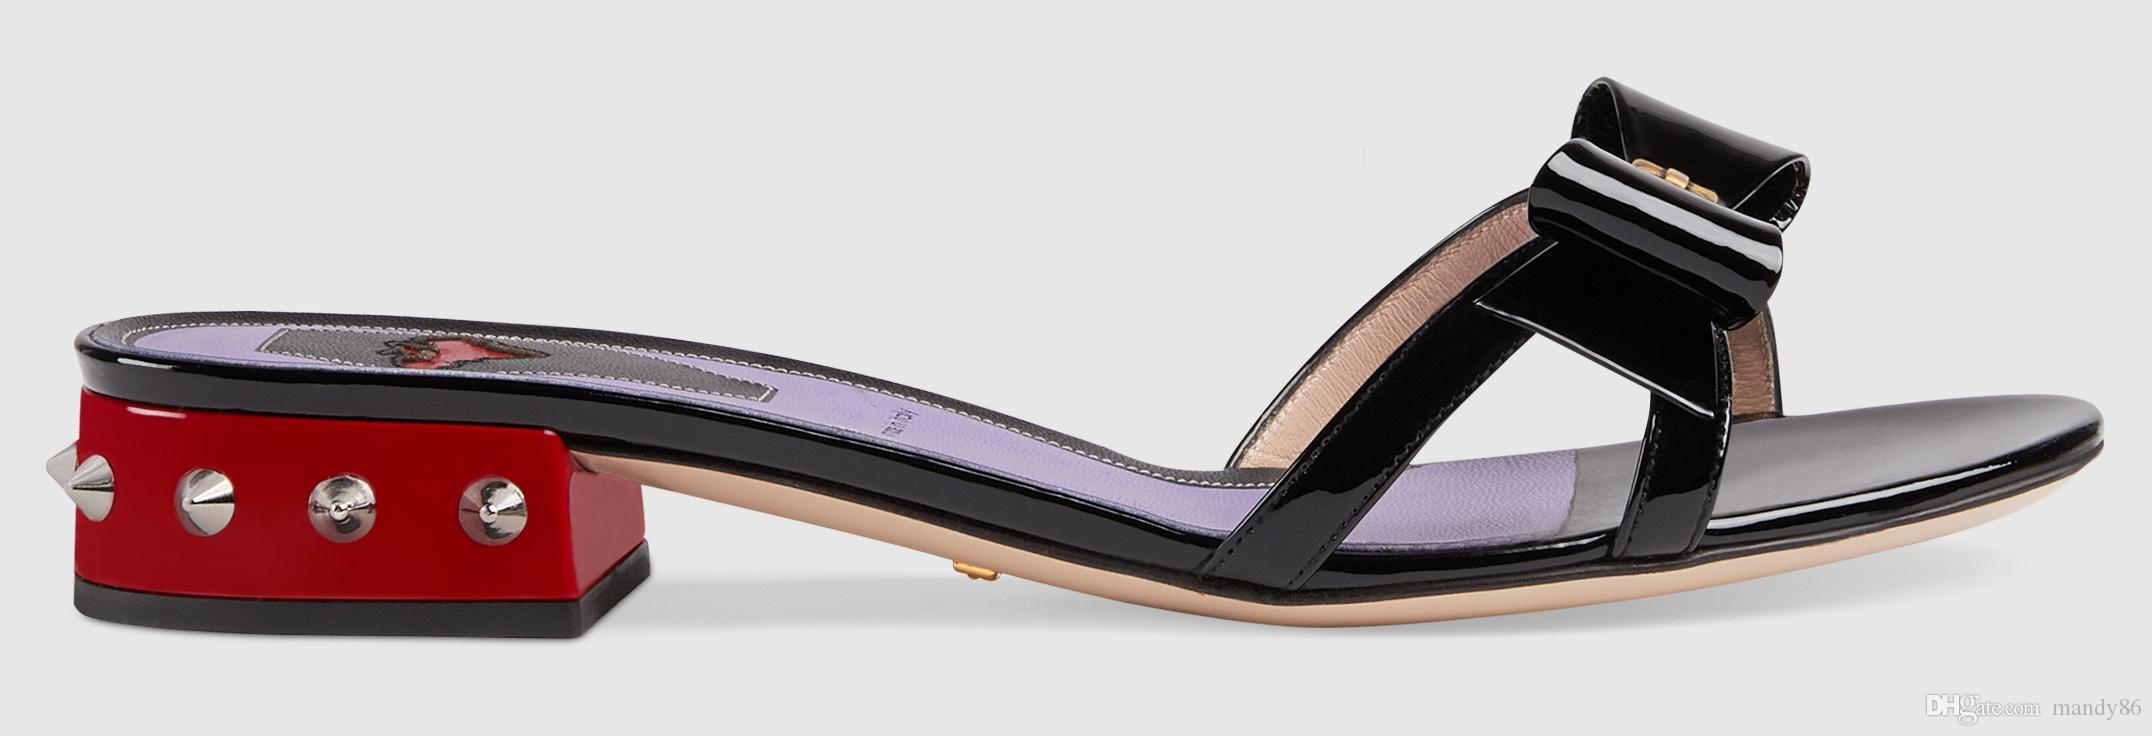 2019 yeni kadın rugan sandalet kadın plaj terlik sapatos femininos zapatos mujer shoes femme sapato feminino sandalias